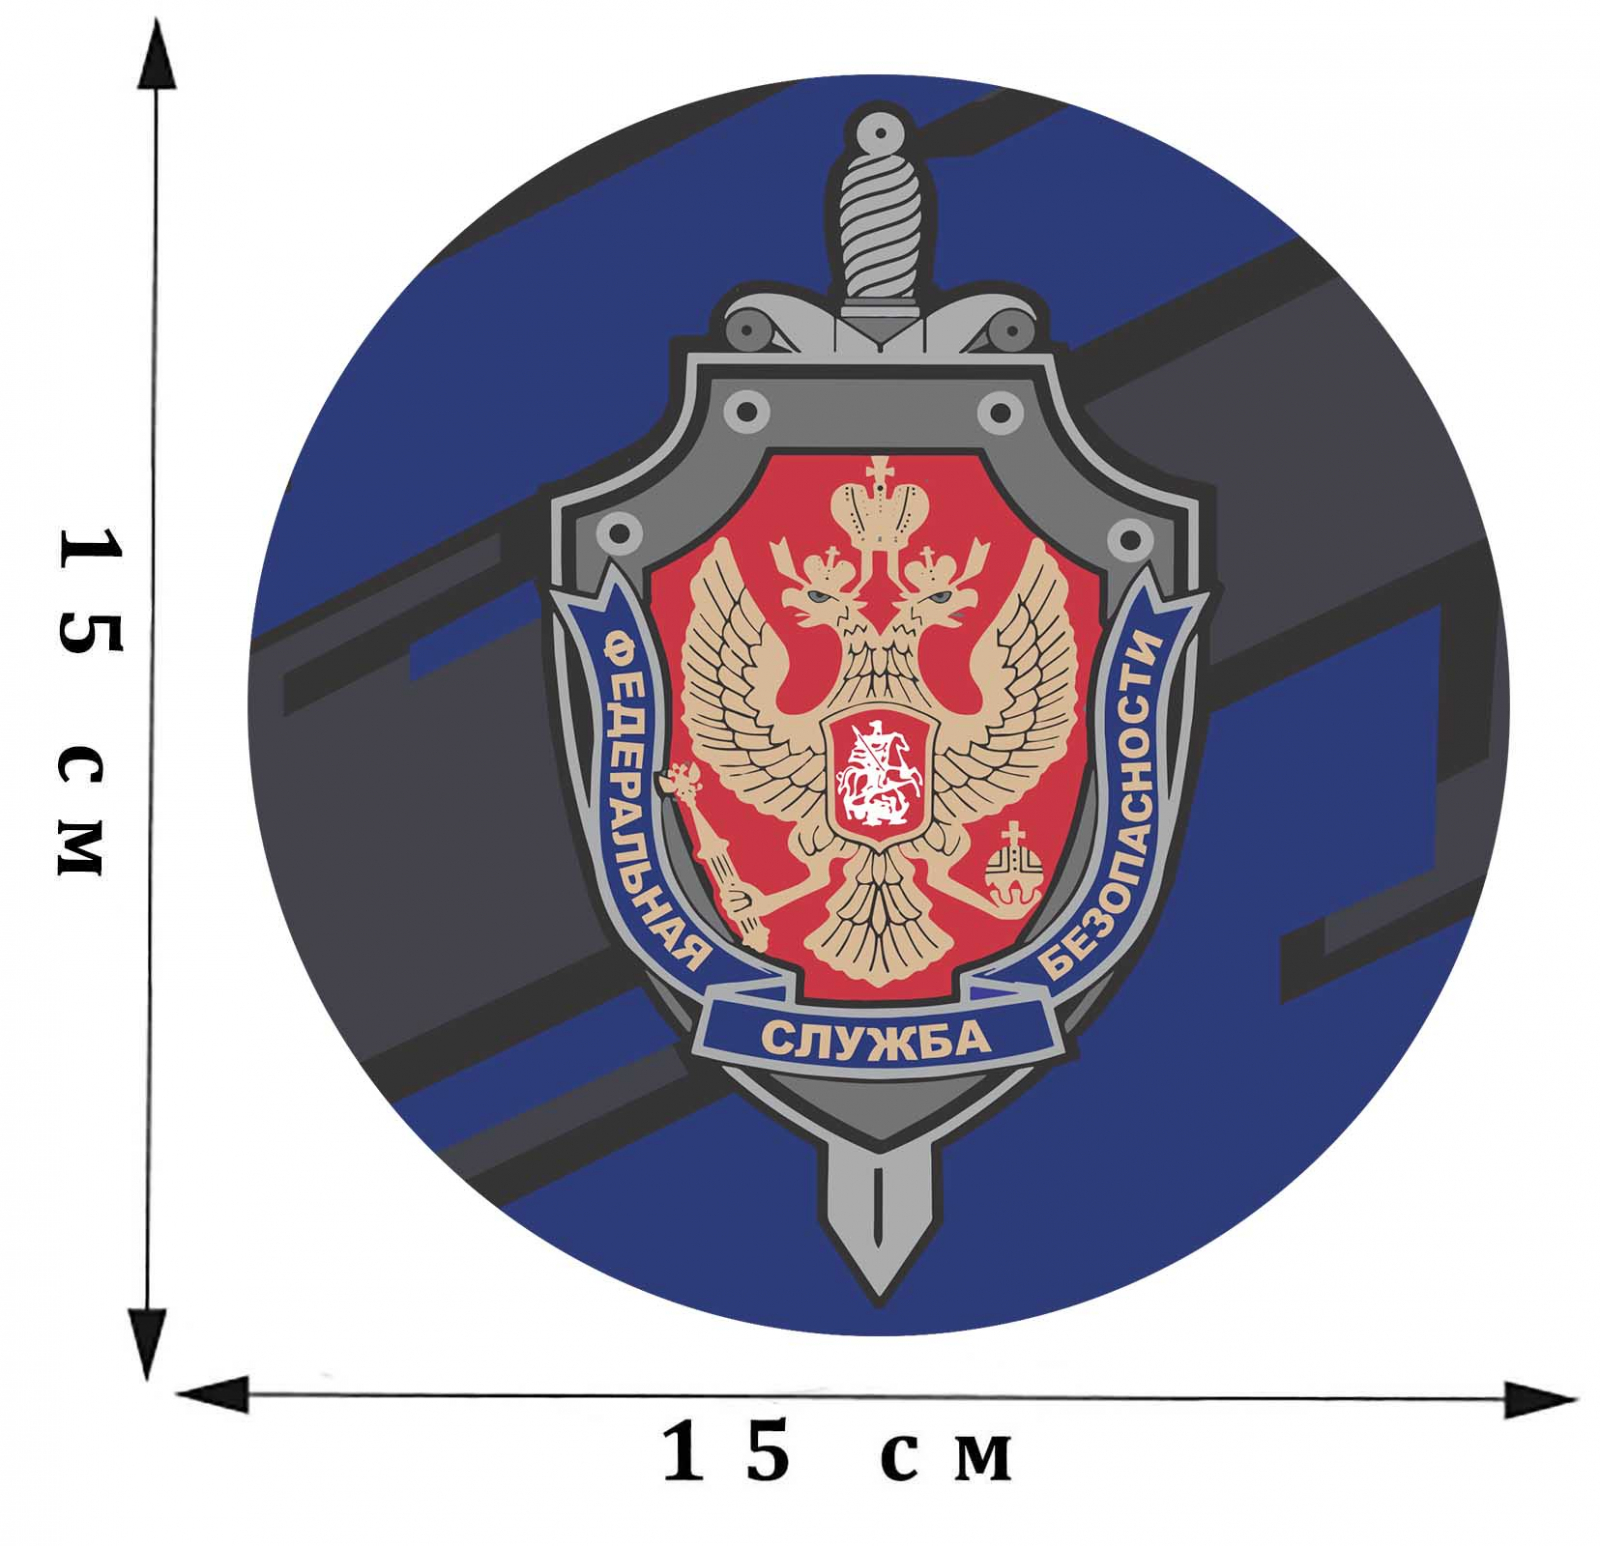 Тематическая наклейка с гербом ФСБ купить по приемлемой цене